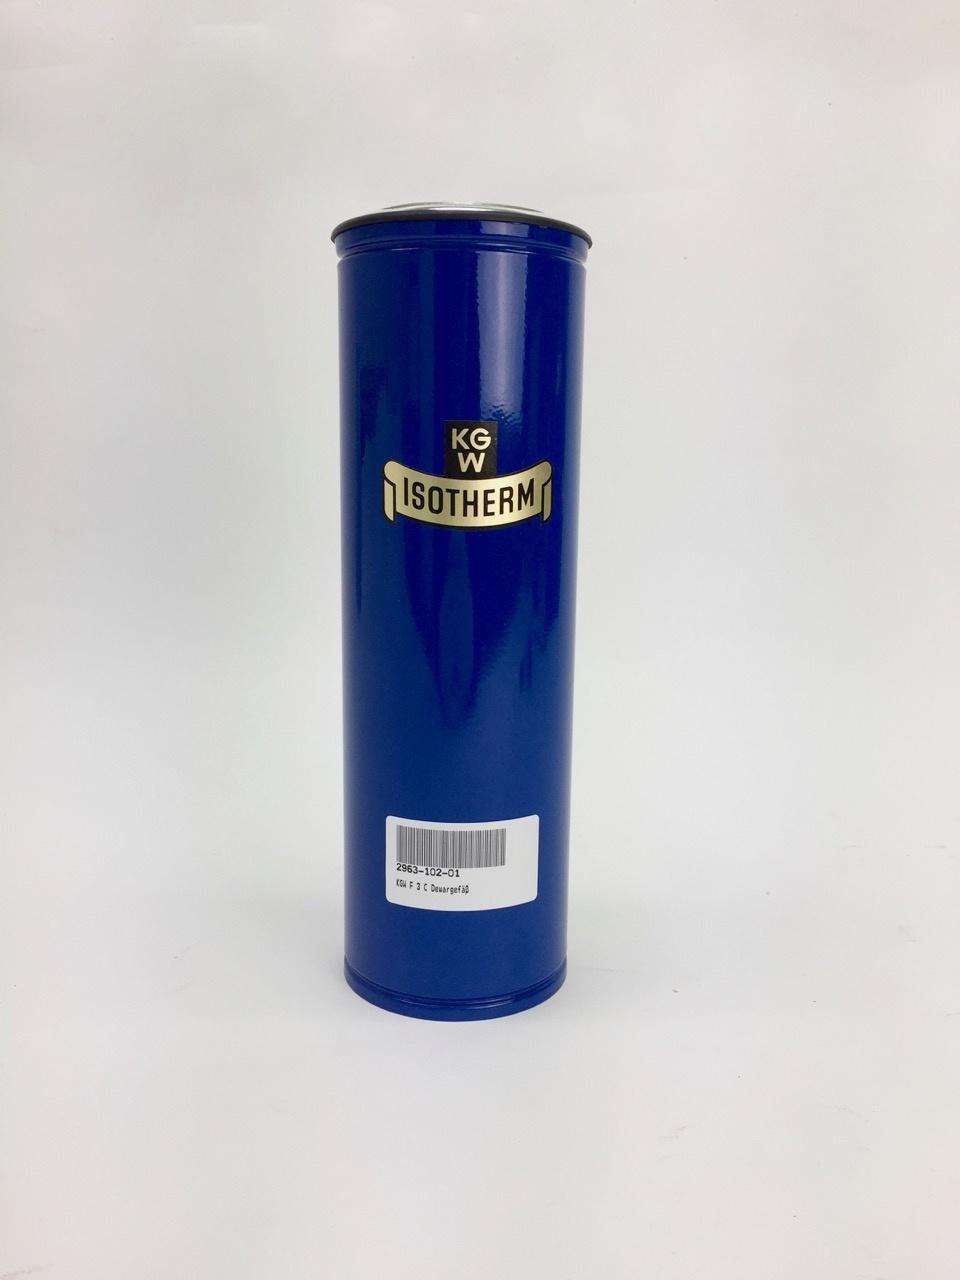 KGW KGW F 3 C Dewar flask